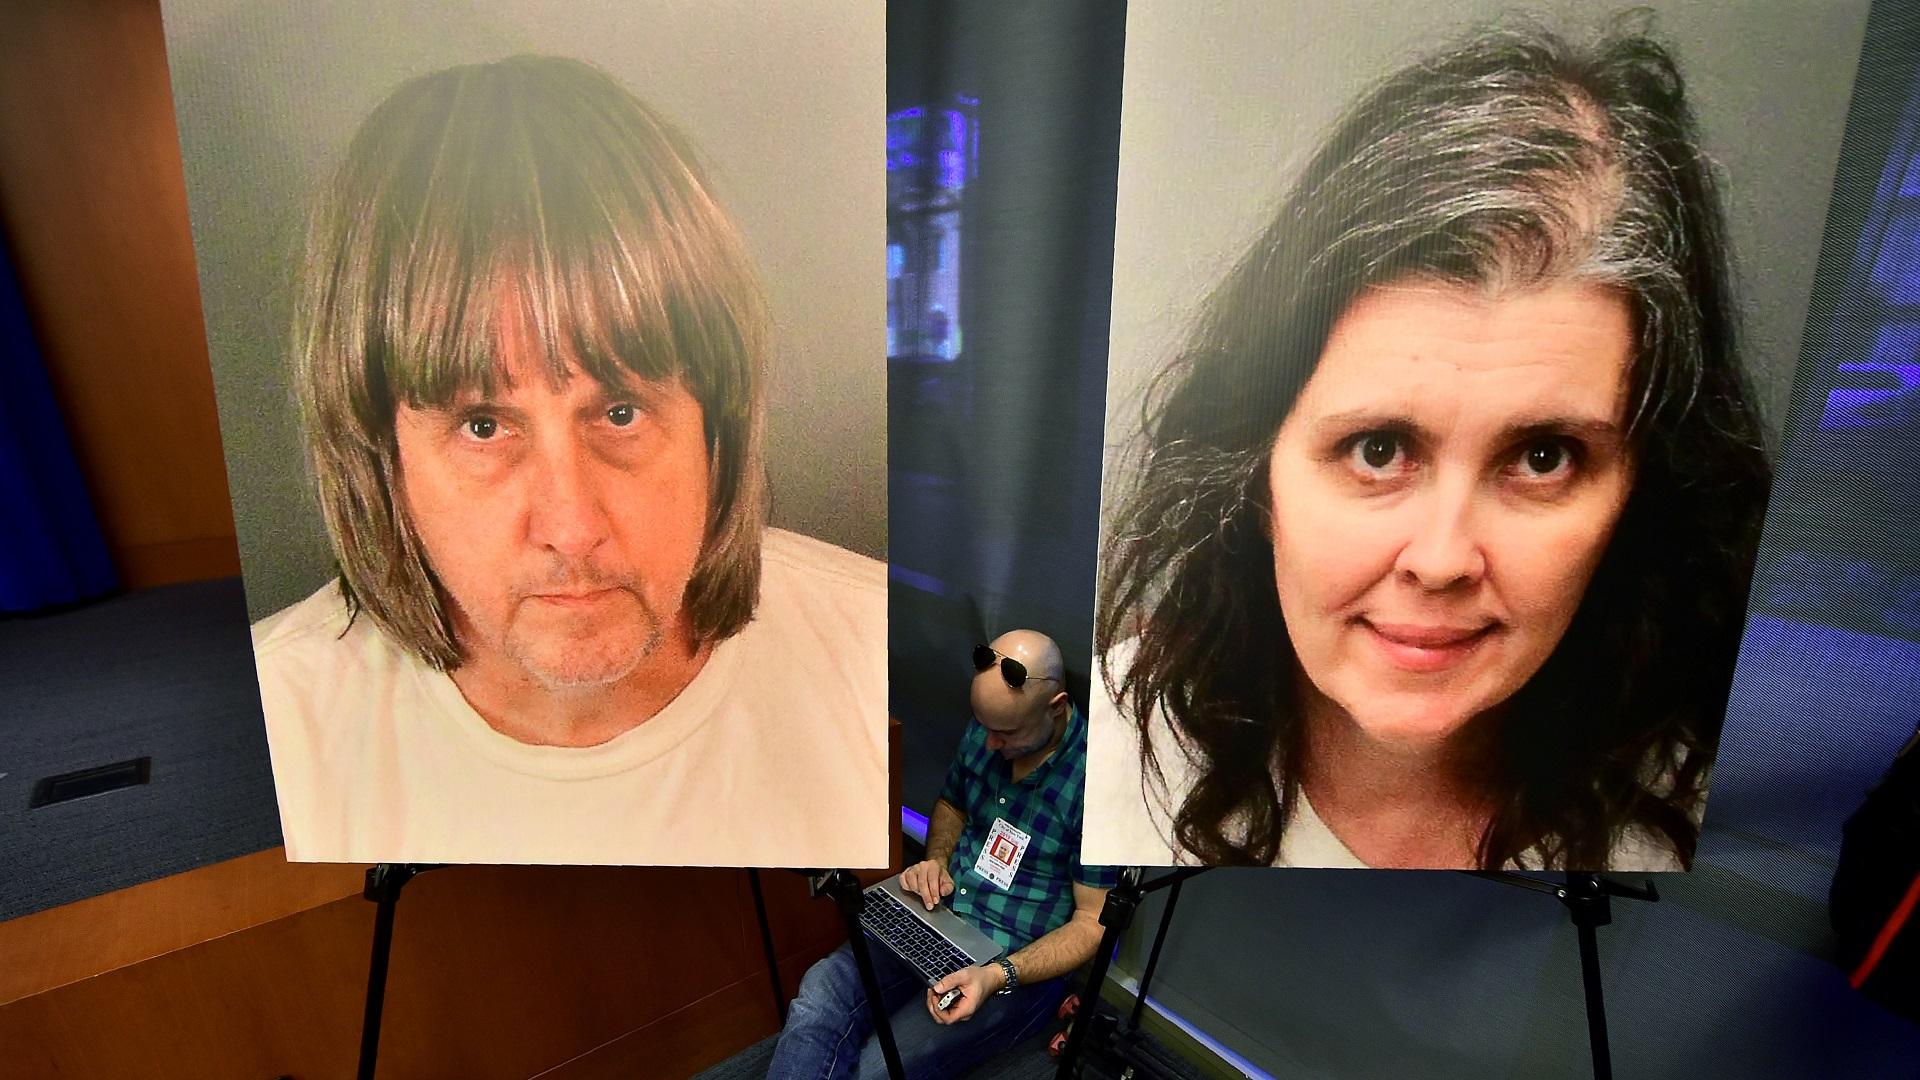 Retrato de David y Louise Turpin durante conferencia de prensa sobre el caso, en Riverside, California. Foto de AFP / Frederic J. Brown